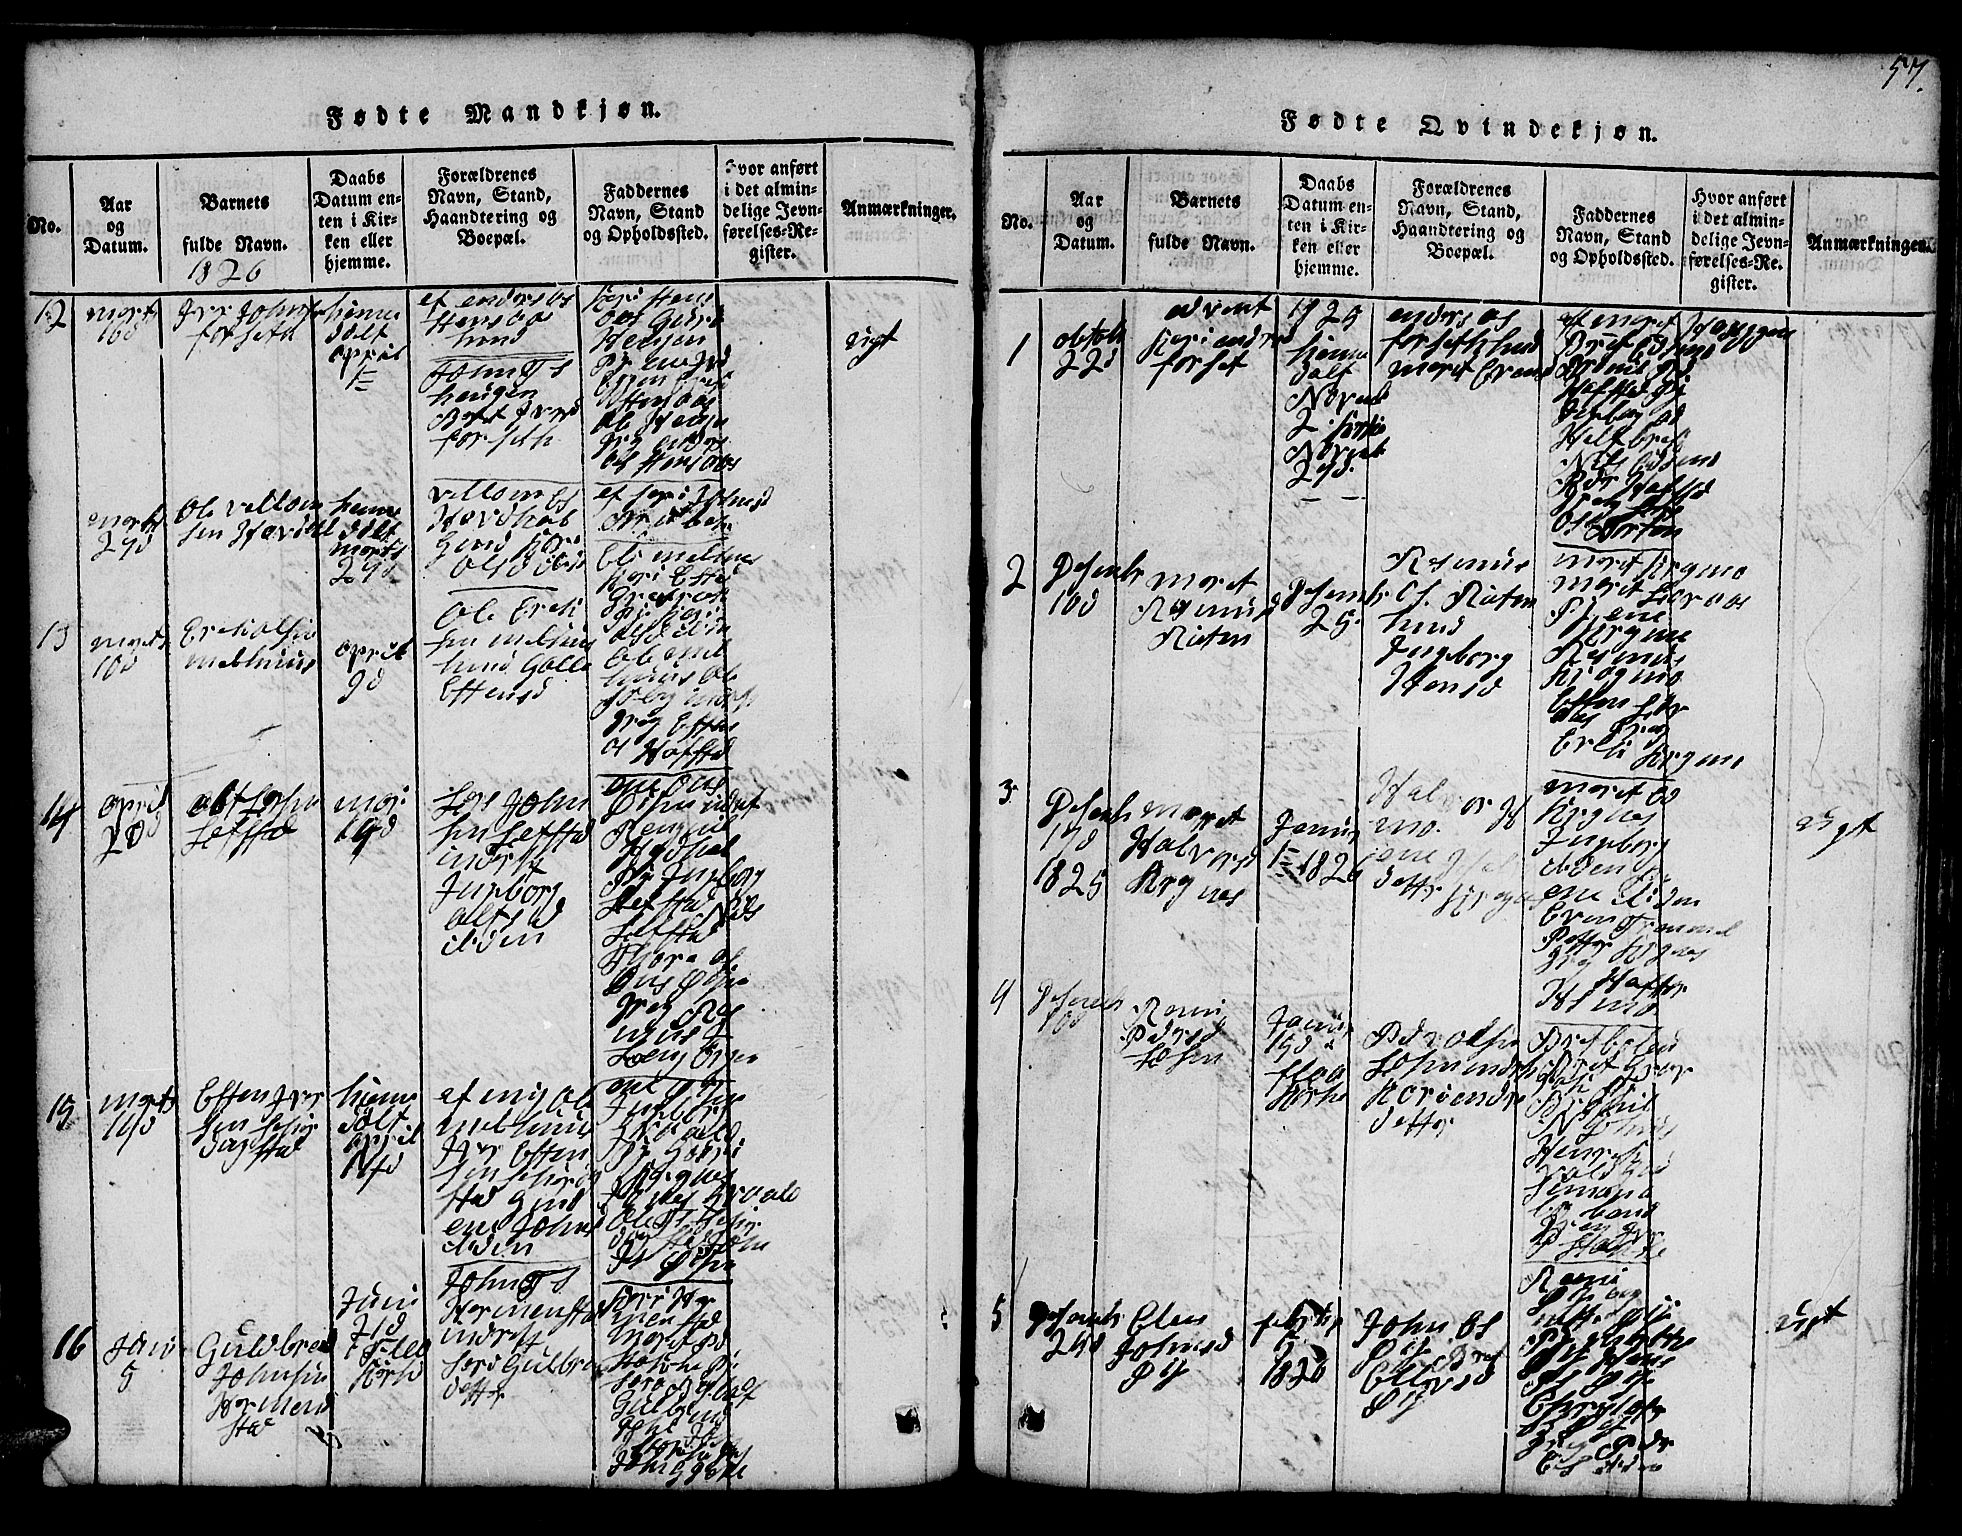 SAT, Ministerialprotokoller, klokkerbøker og fødselsregistre - Sør-Trøndelag, 691/L1092: Klokkerbok nr. 691C03, 1816-1852, s. 57